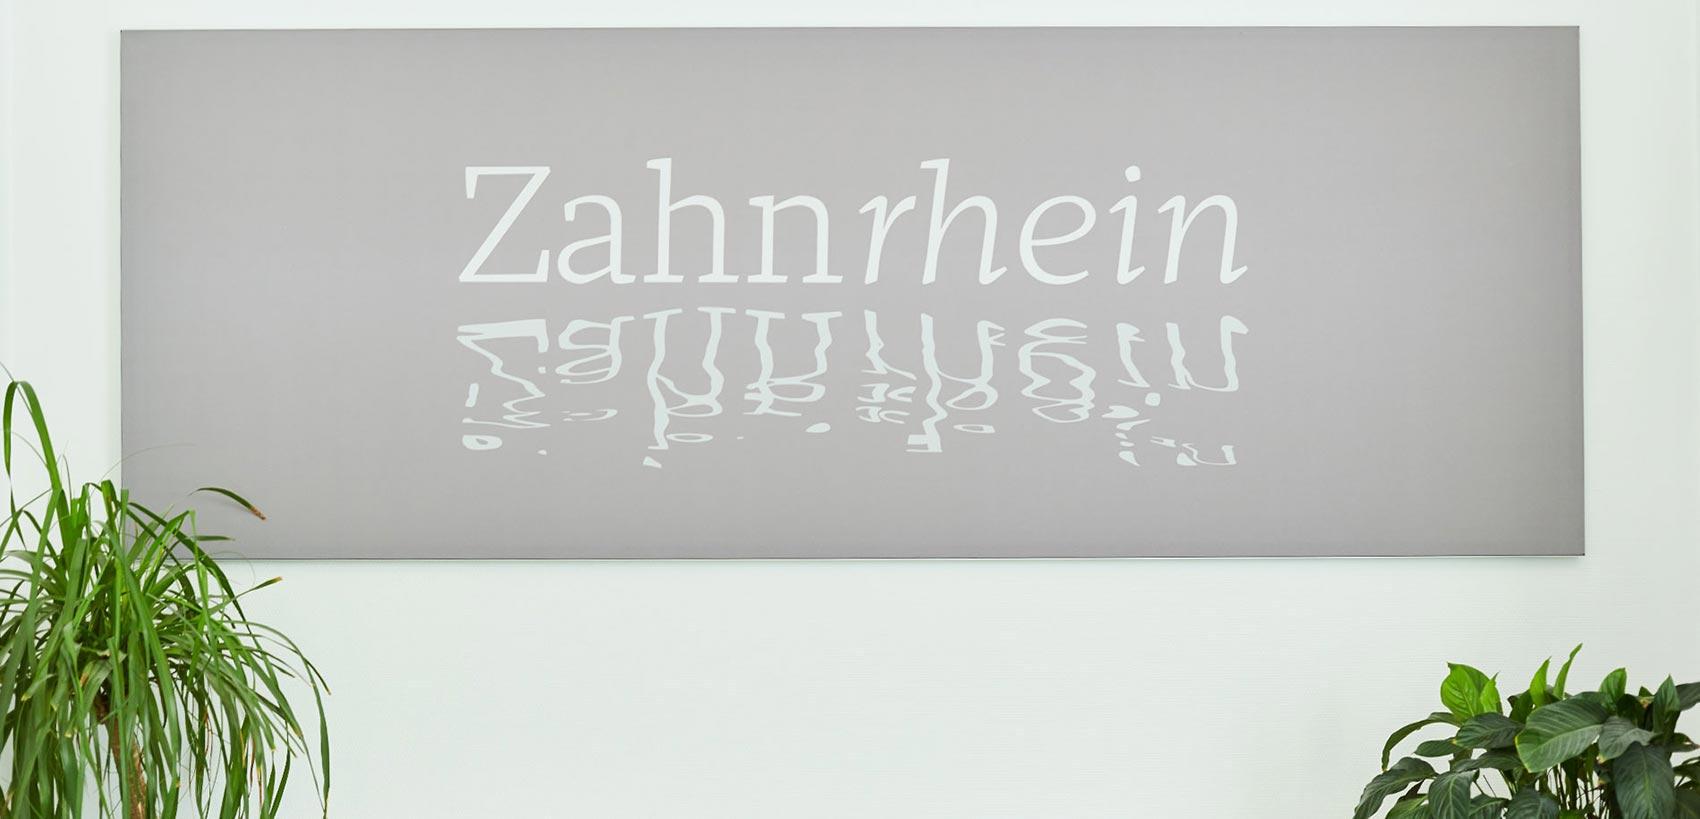 Zahnarztpraxis  Zahnrhein in Walluf - Praxis 5